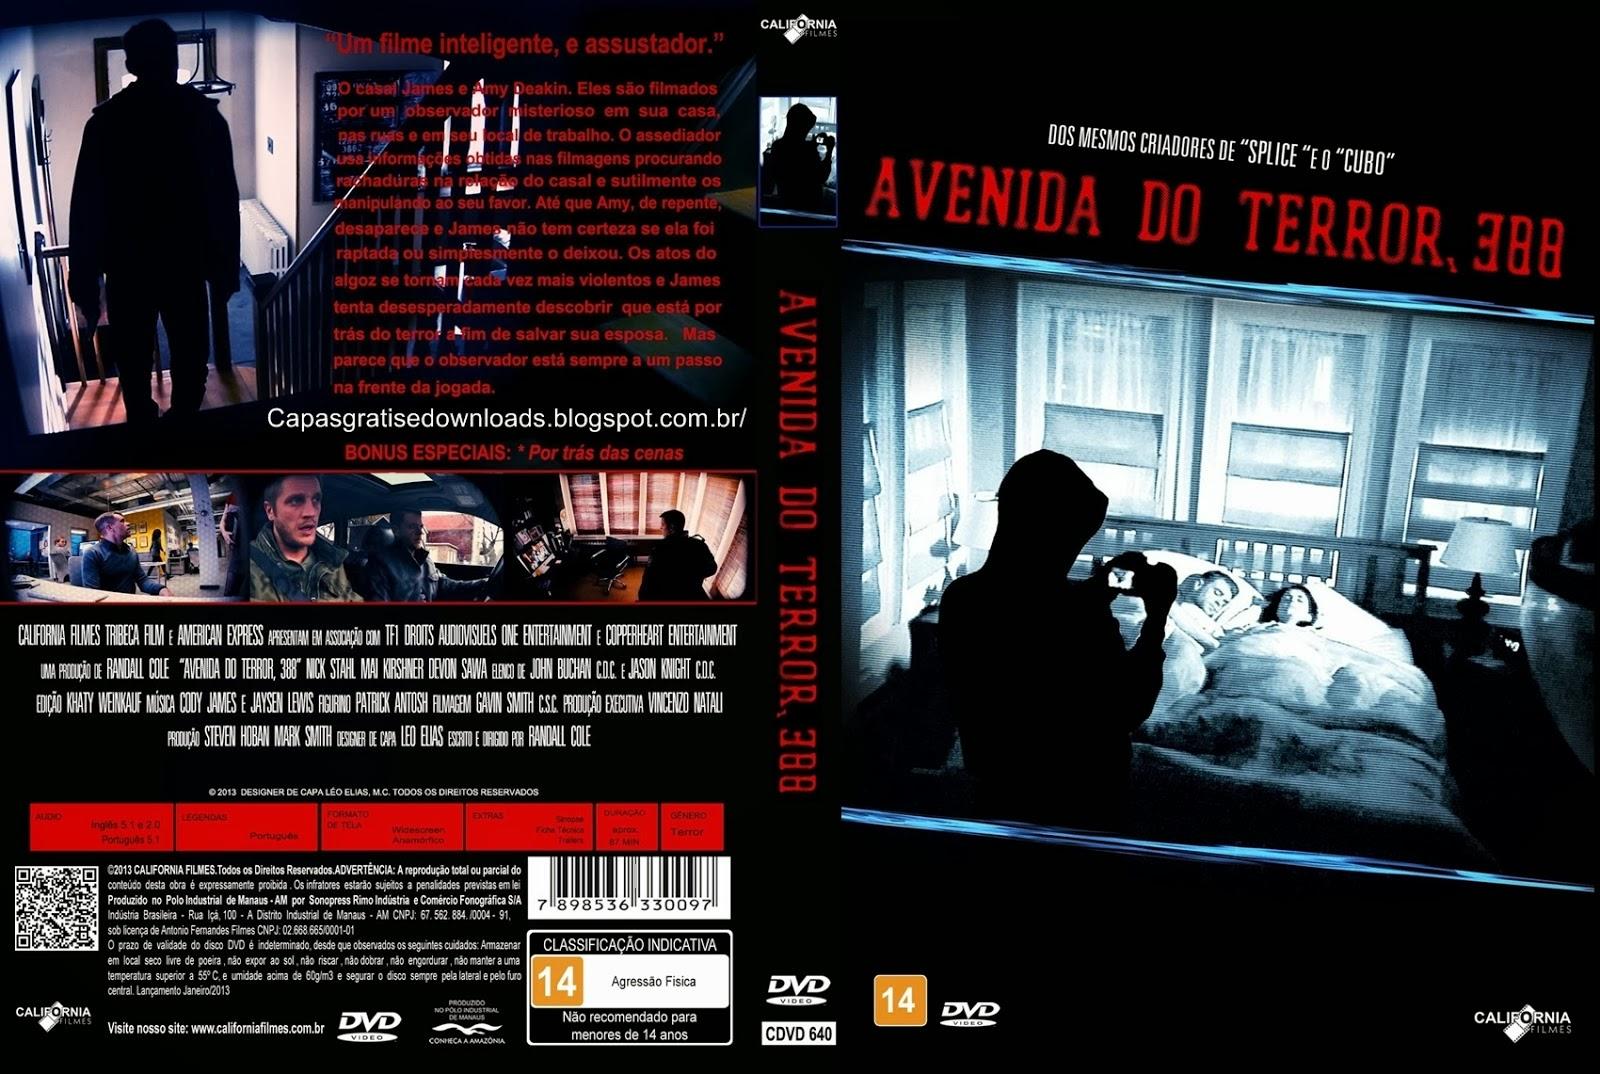 Avenida do Terror 388 DVD Capa